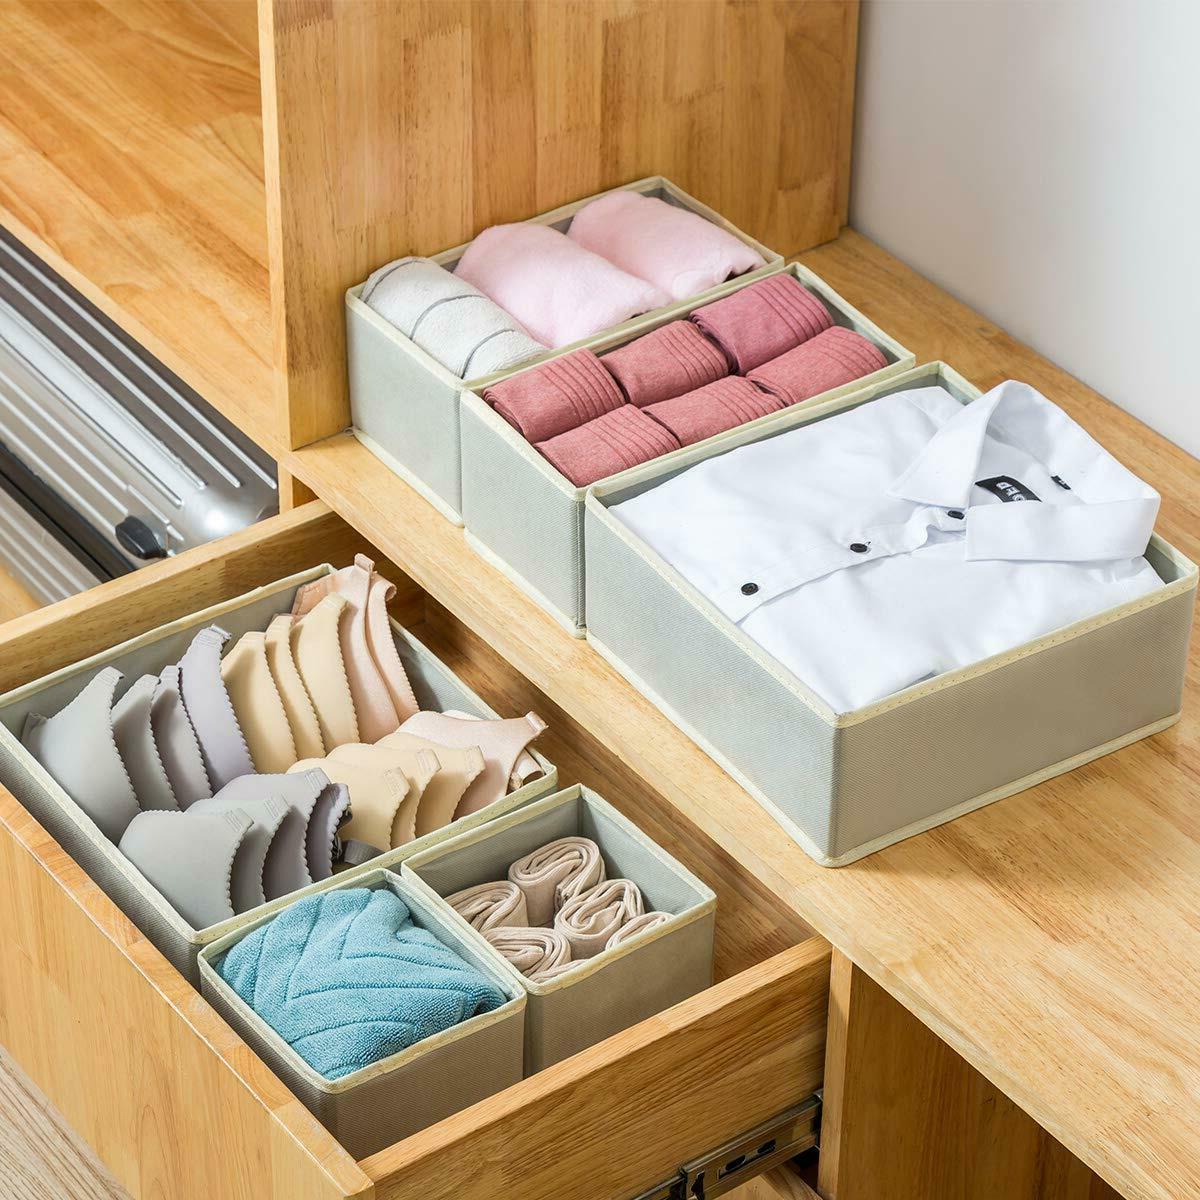 6 Storage Drawer Organizer